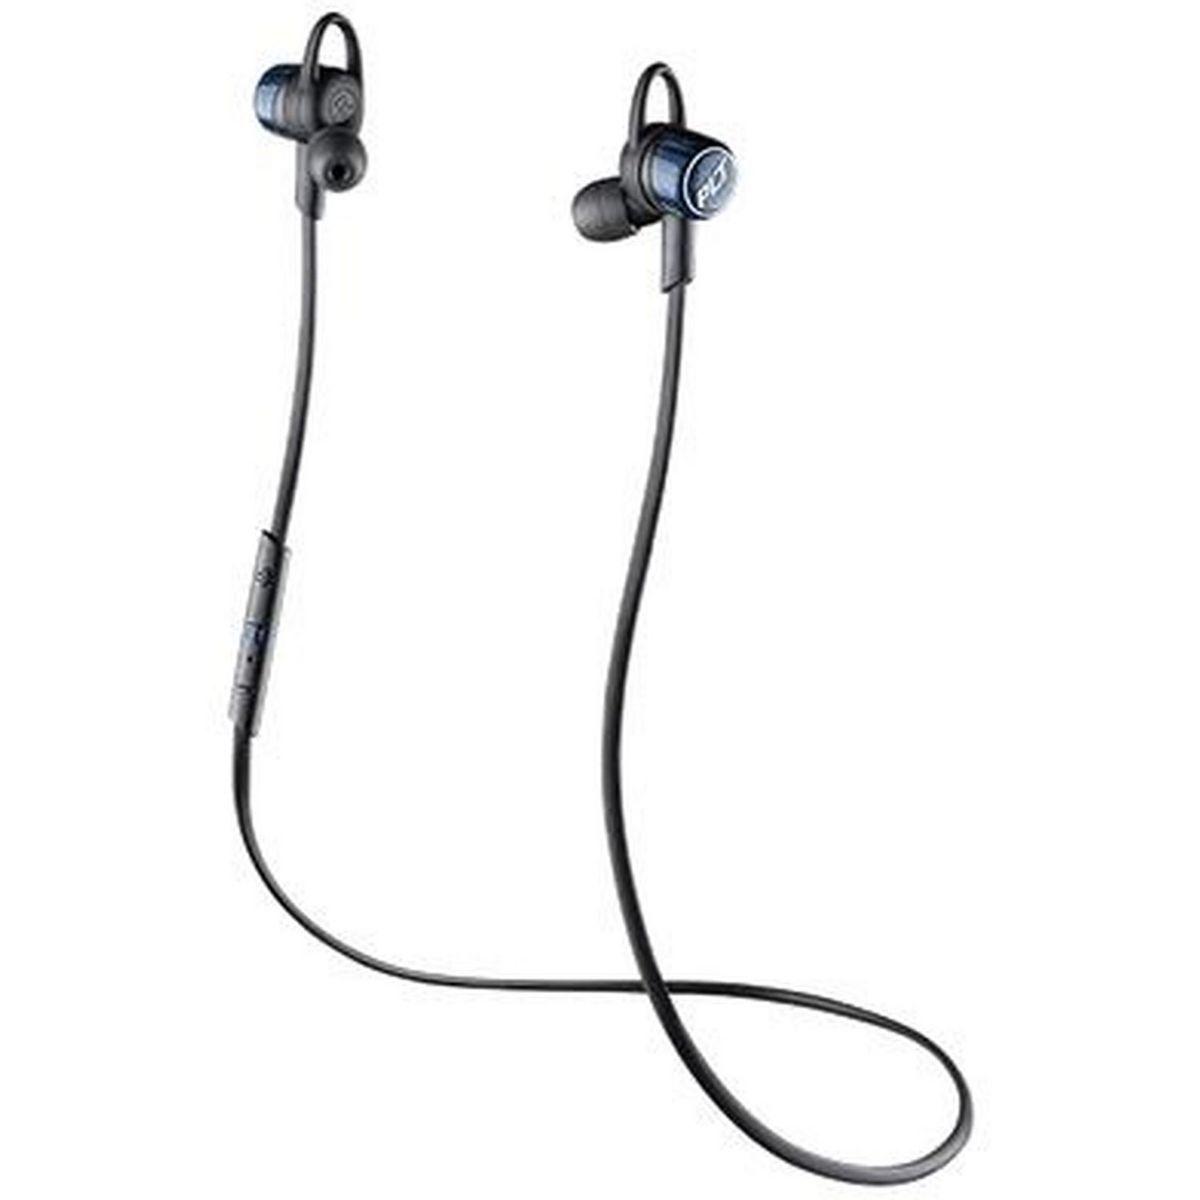 Ecouteurs Intra-auriculaires sans fil Backbeat Go 3 Bleu